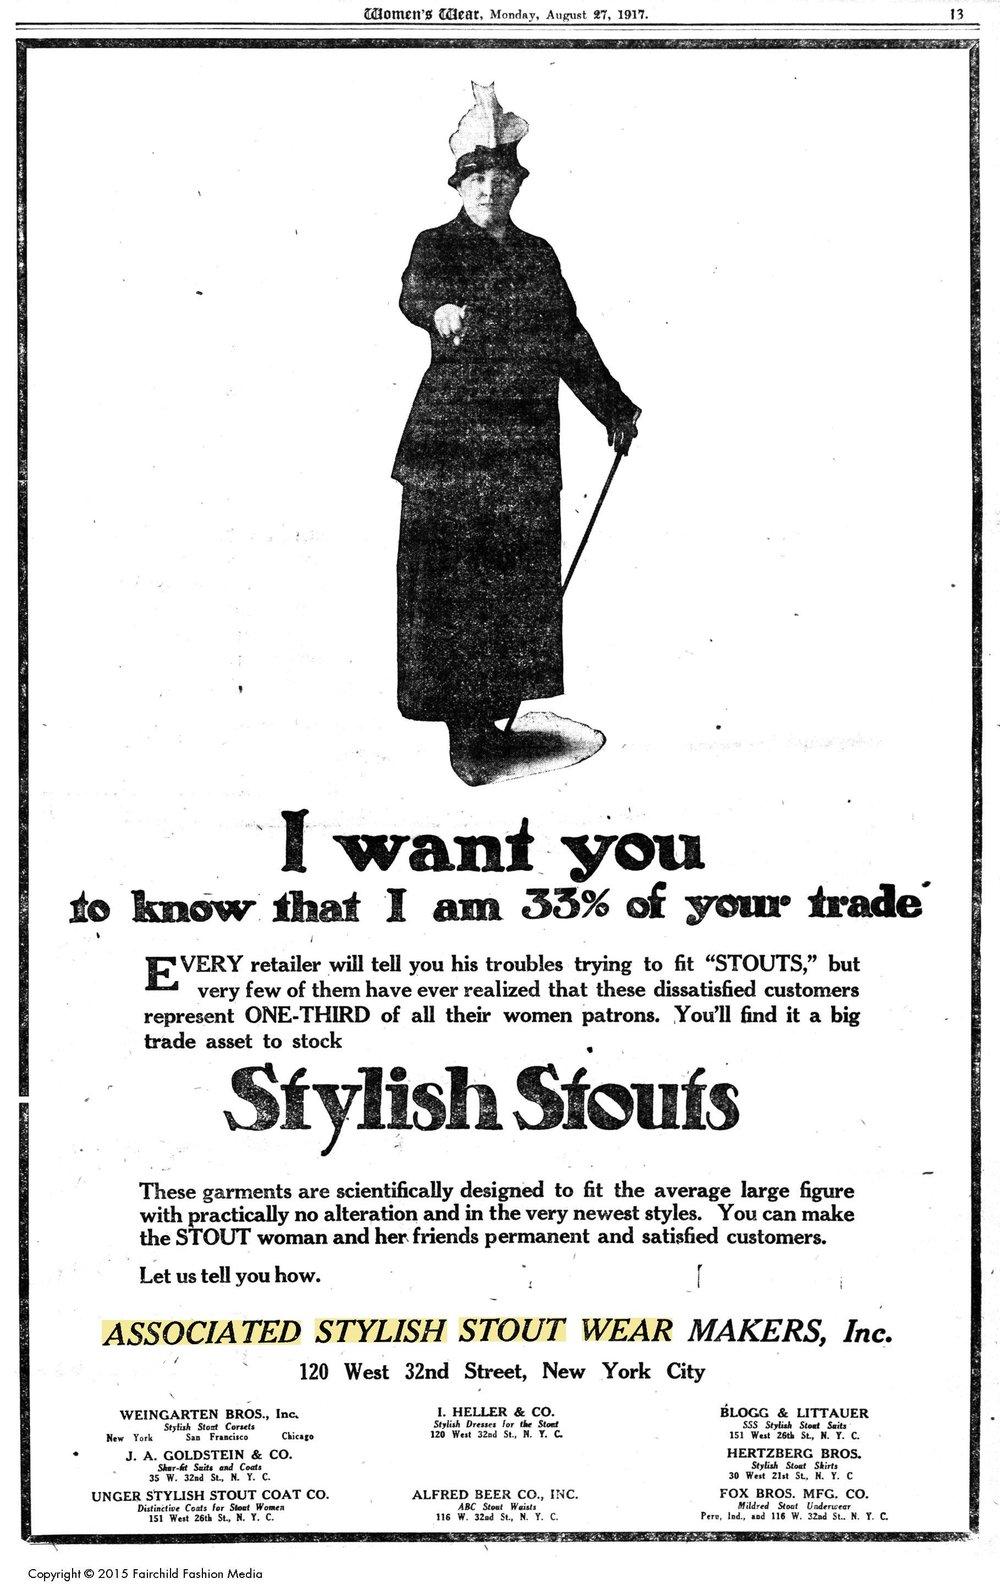 ASSM, August 27, 1917, WWD, p. 13.jpg